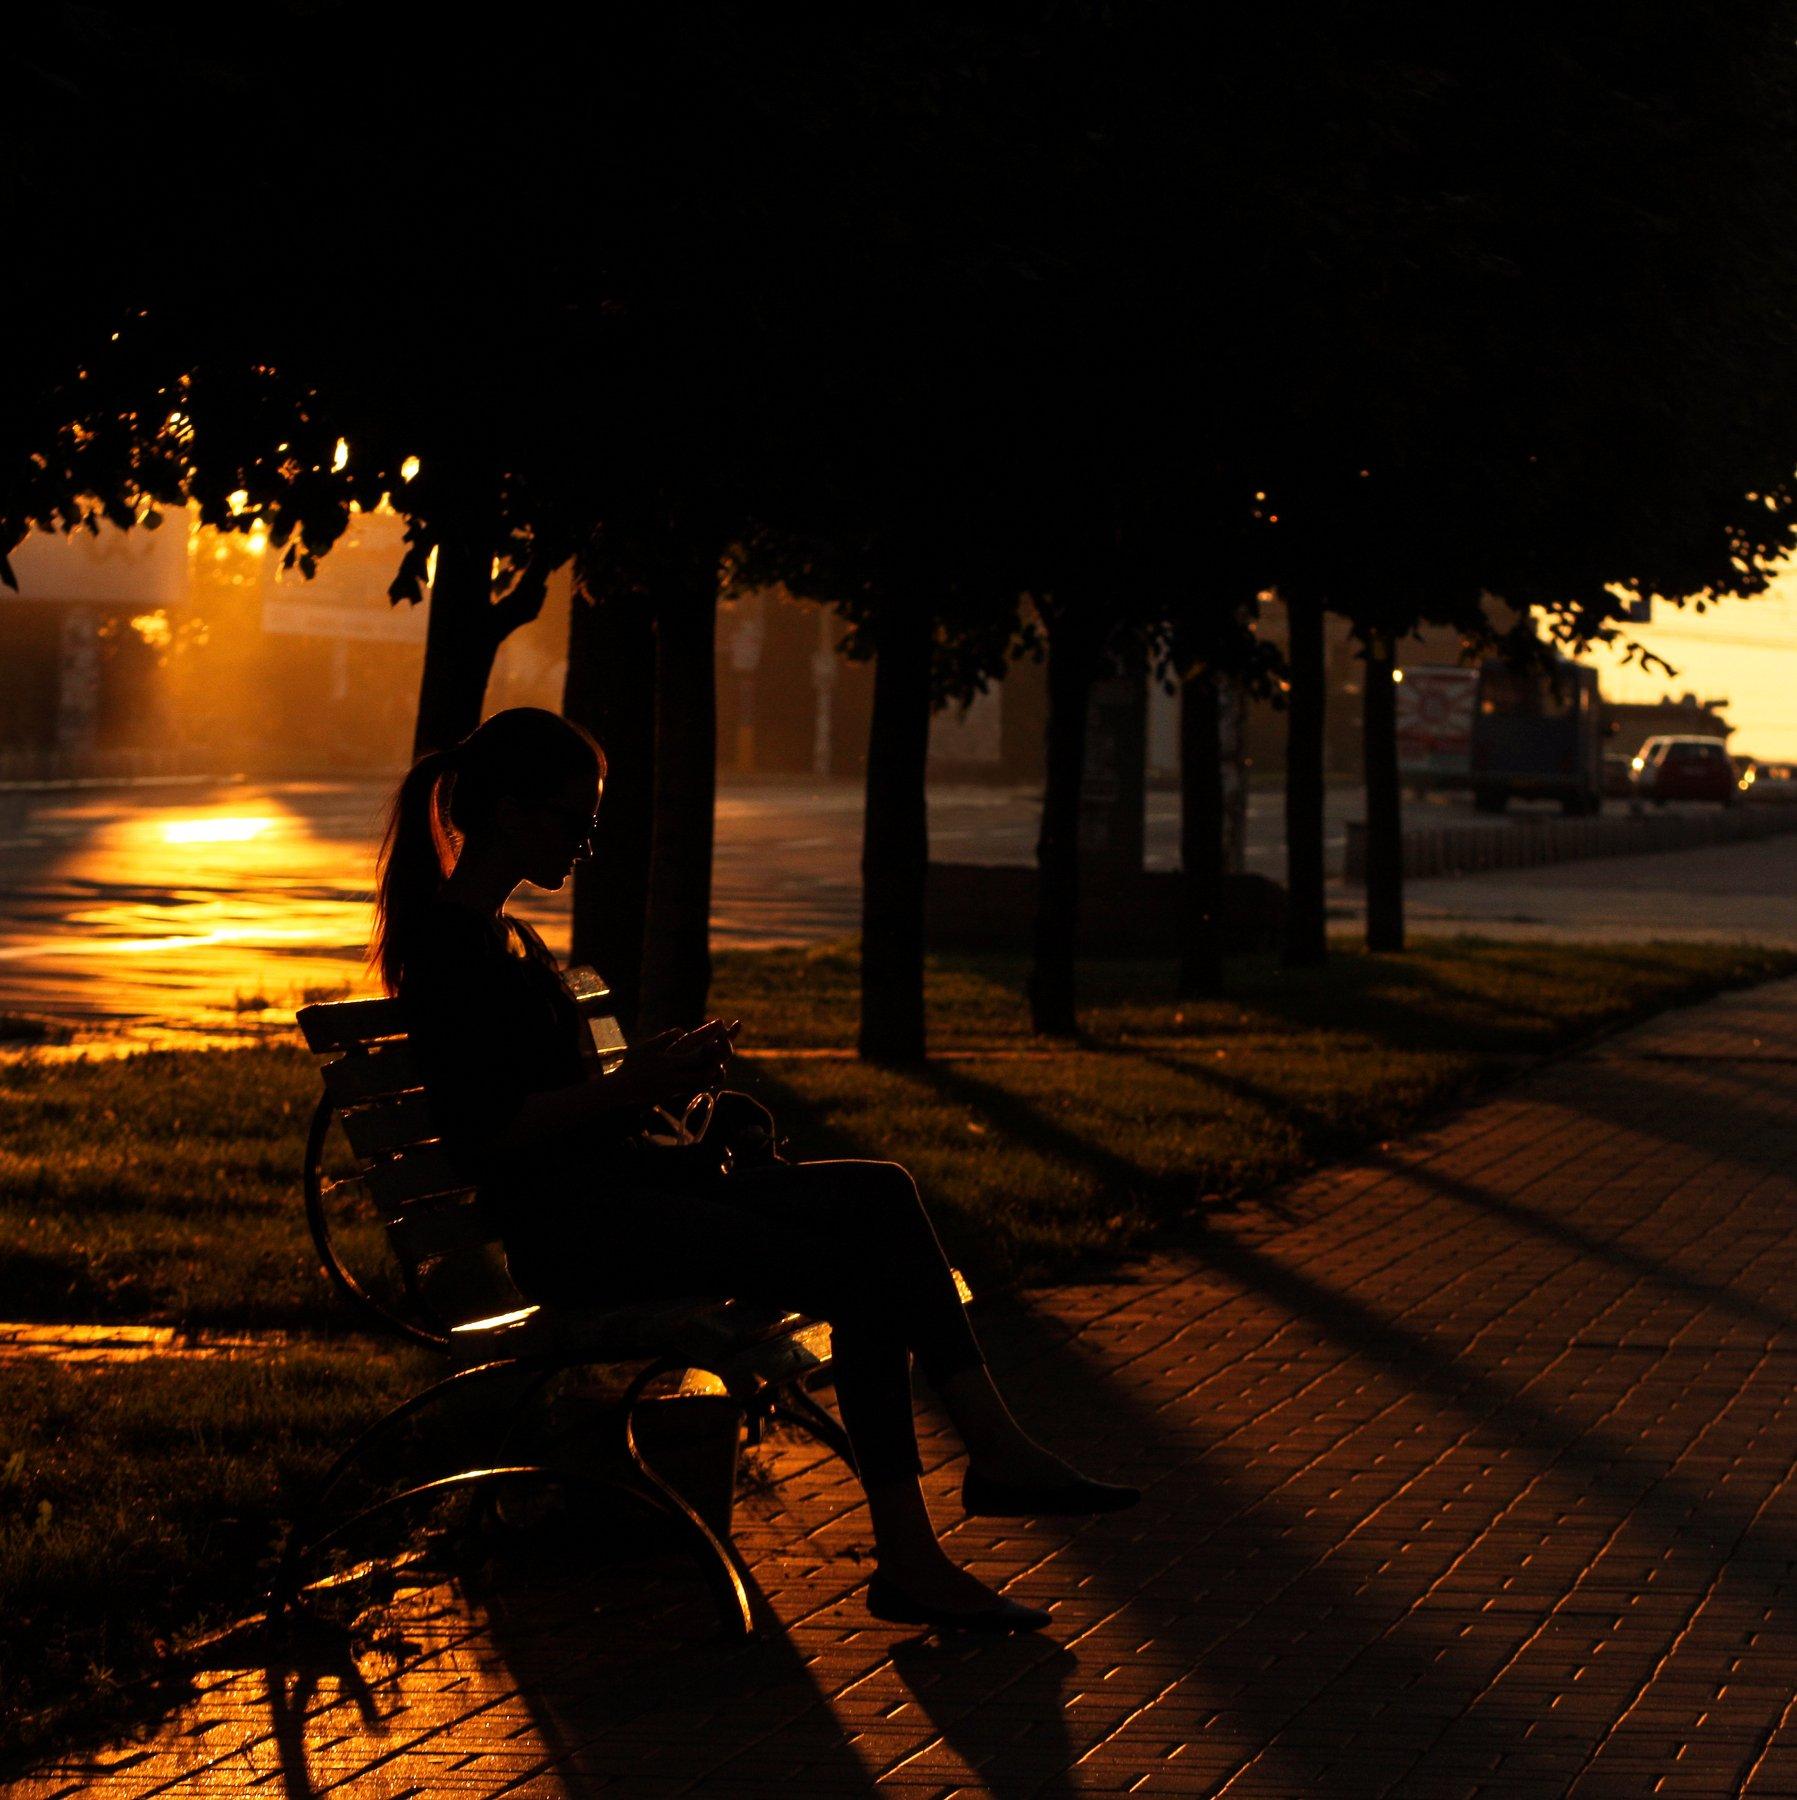 лучшие фотографы города черкассы задумывались